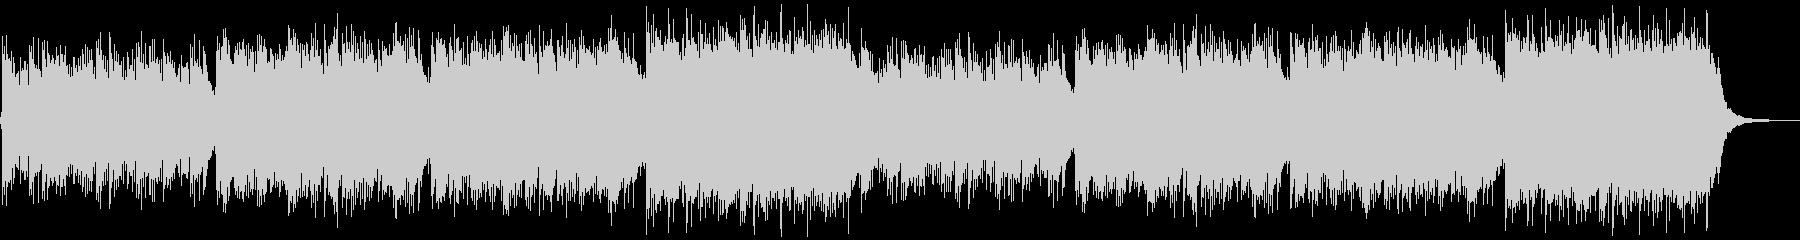 企業VP映像、154オーケストラ、爽快Lの未再生の波形